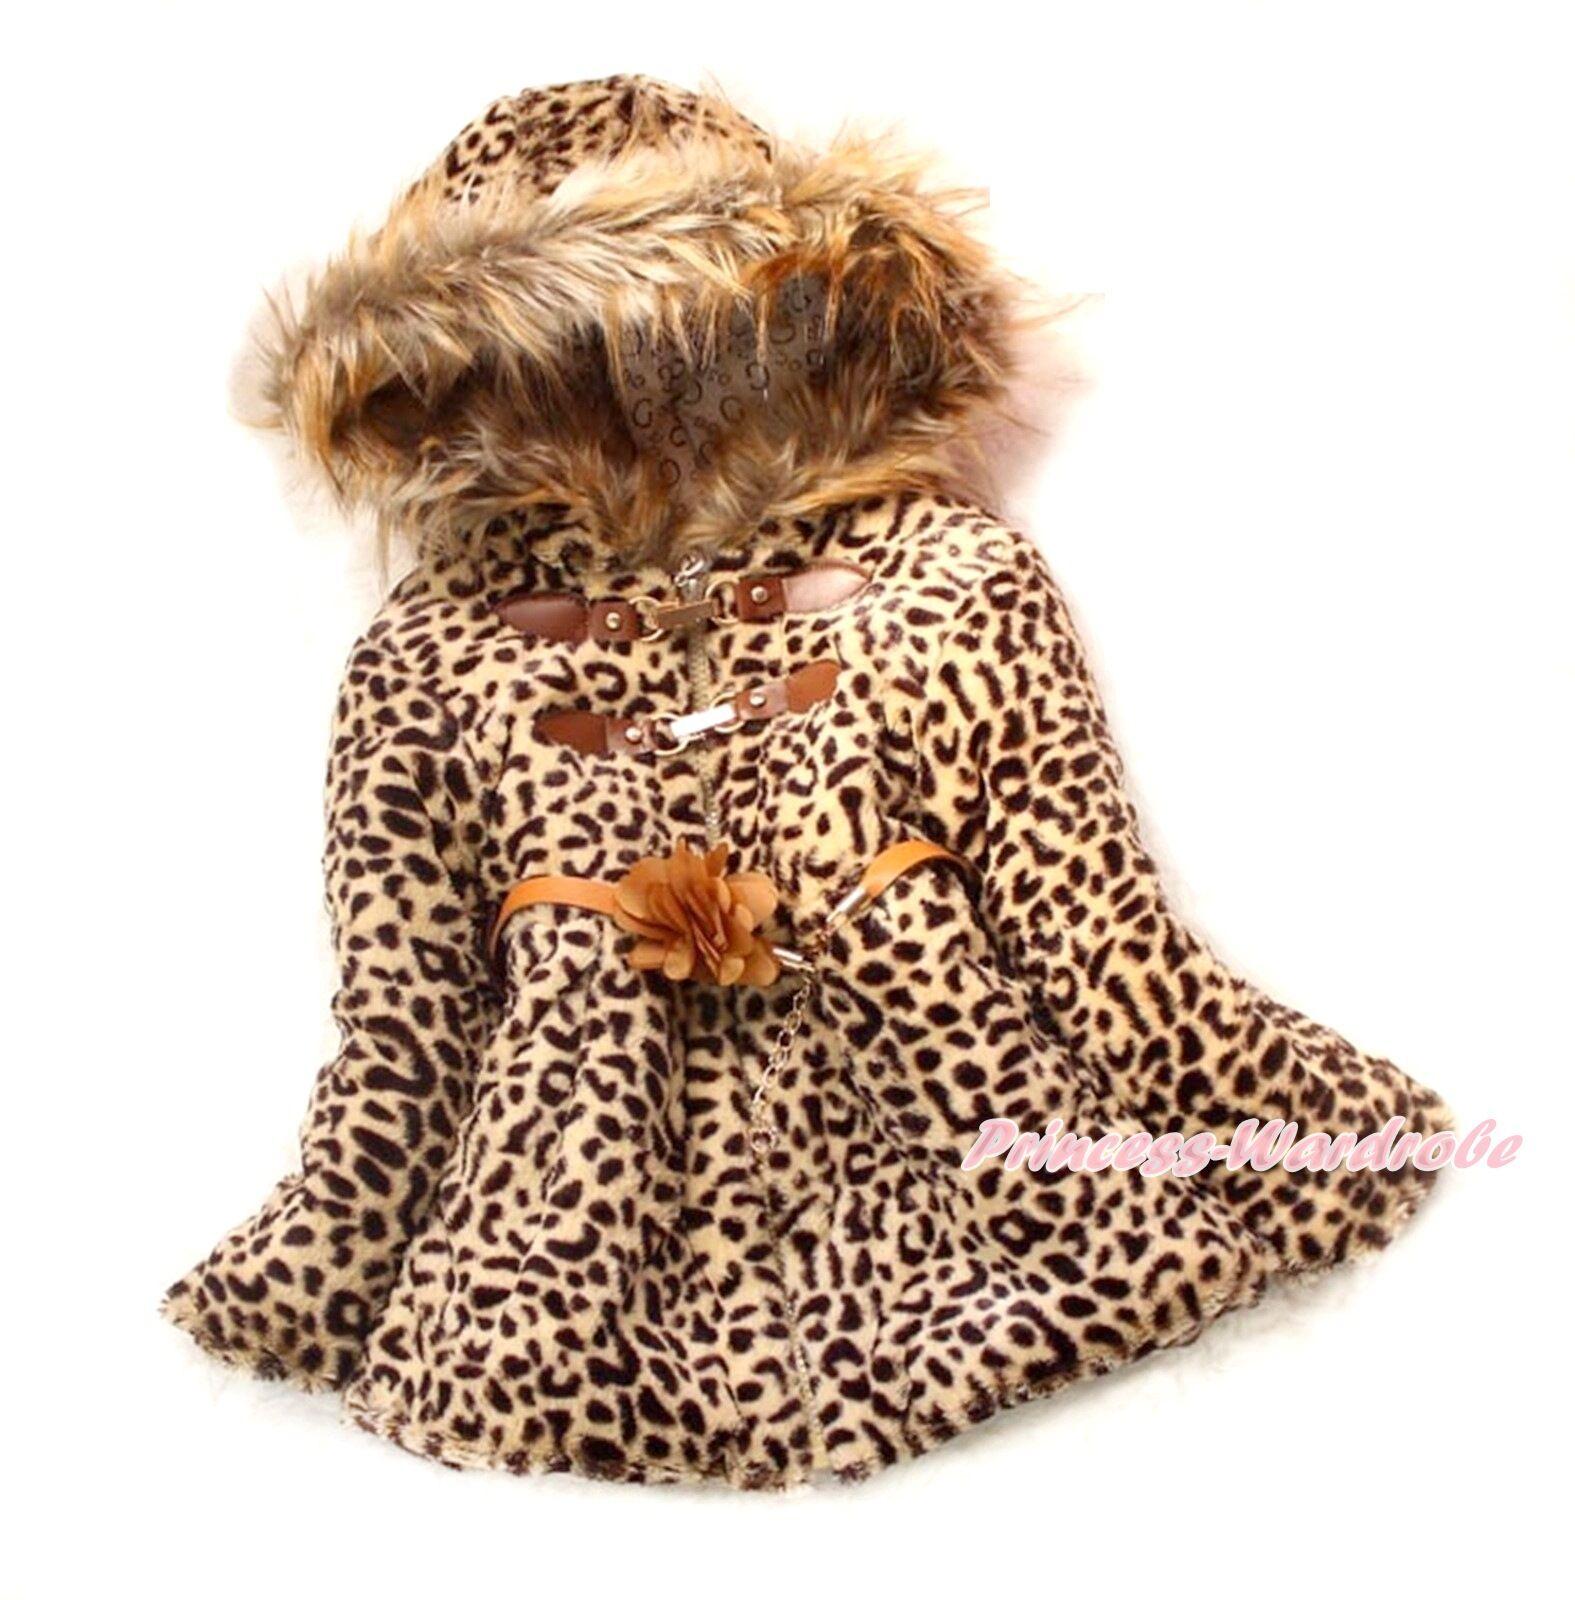 Kinder Mädchen Kunstpelz brauner Leopard Schal Mantel Winterjacke Schneeanzug 2-6Year SH37